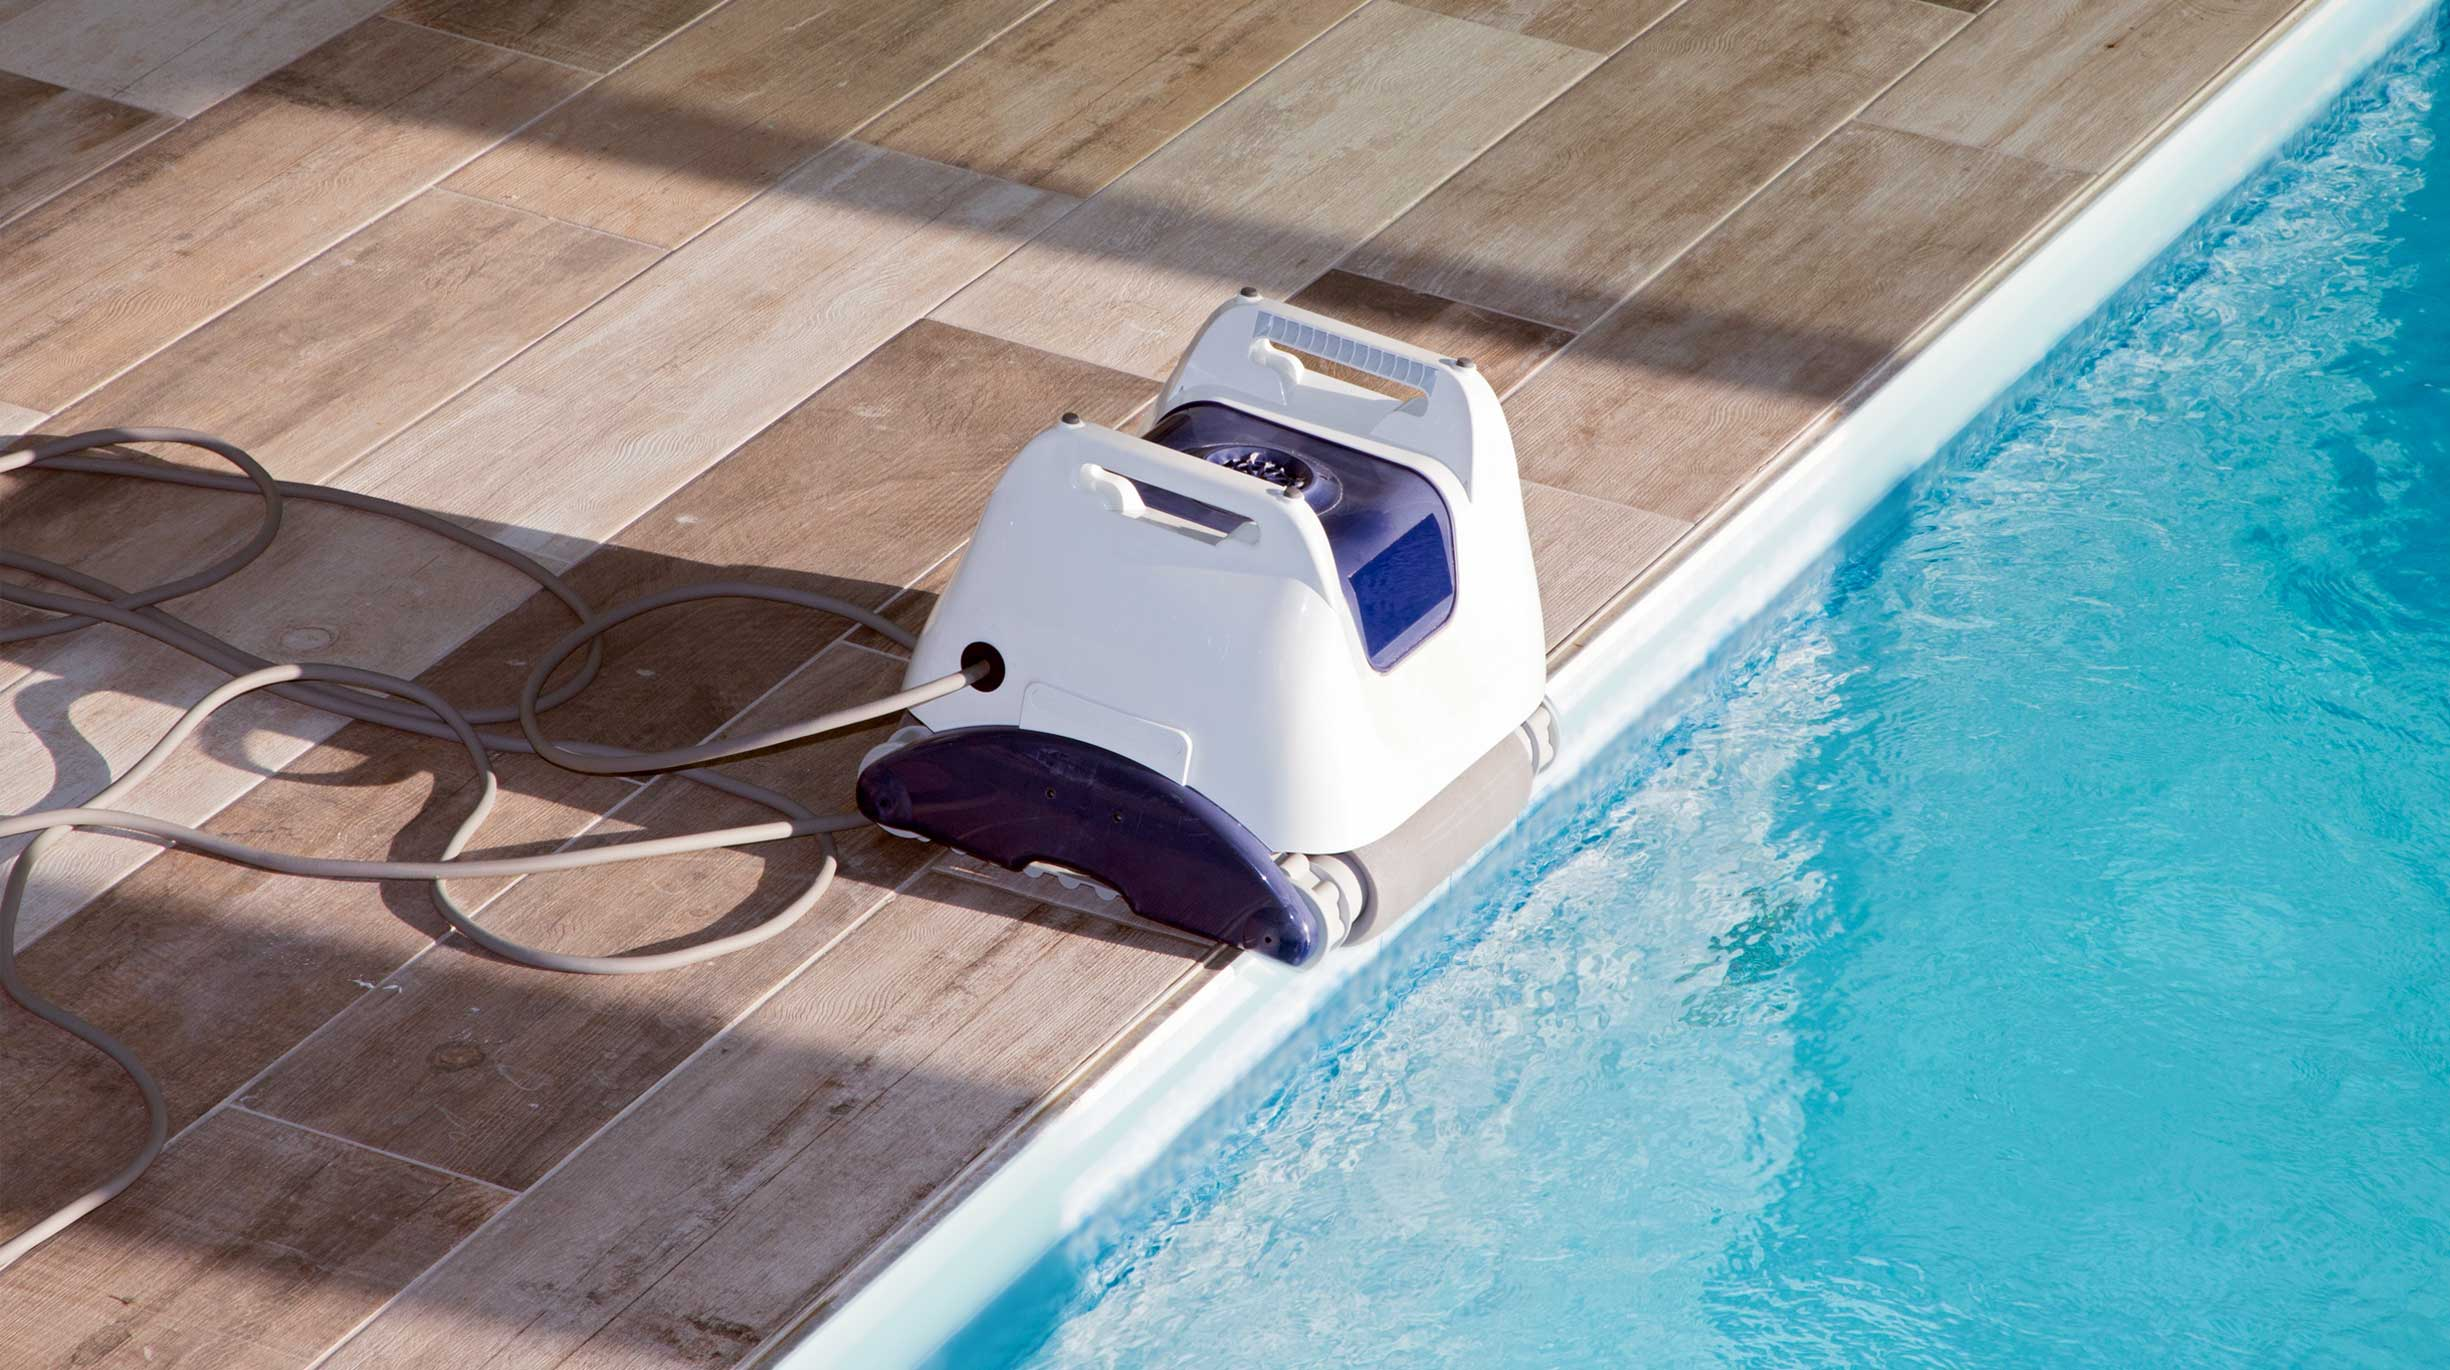 gp_actu_octo.robotsnettoyeurs-1 Profitez de notre promotion exclusive jusqu'au 30 septembre : votre bassin équipé pour 1 € de plus !